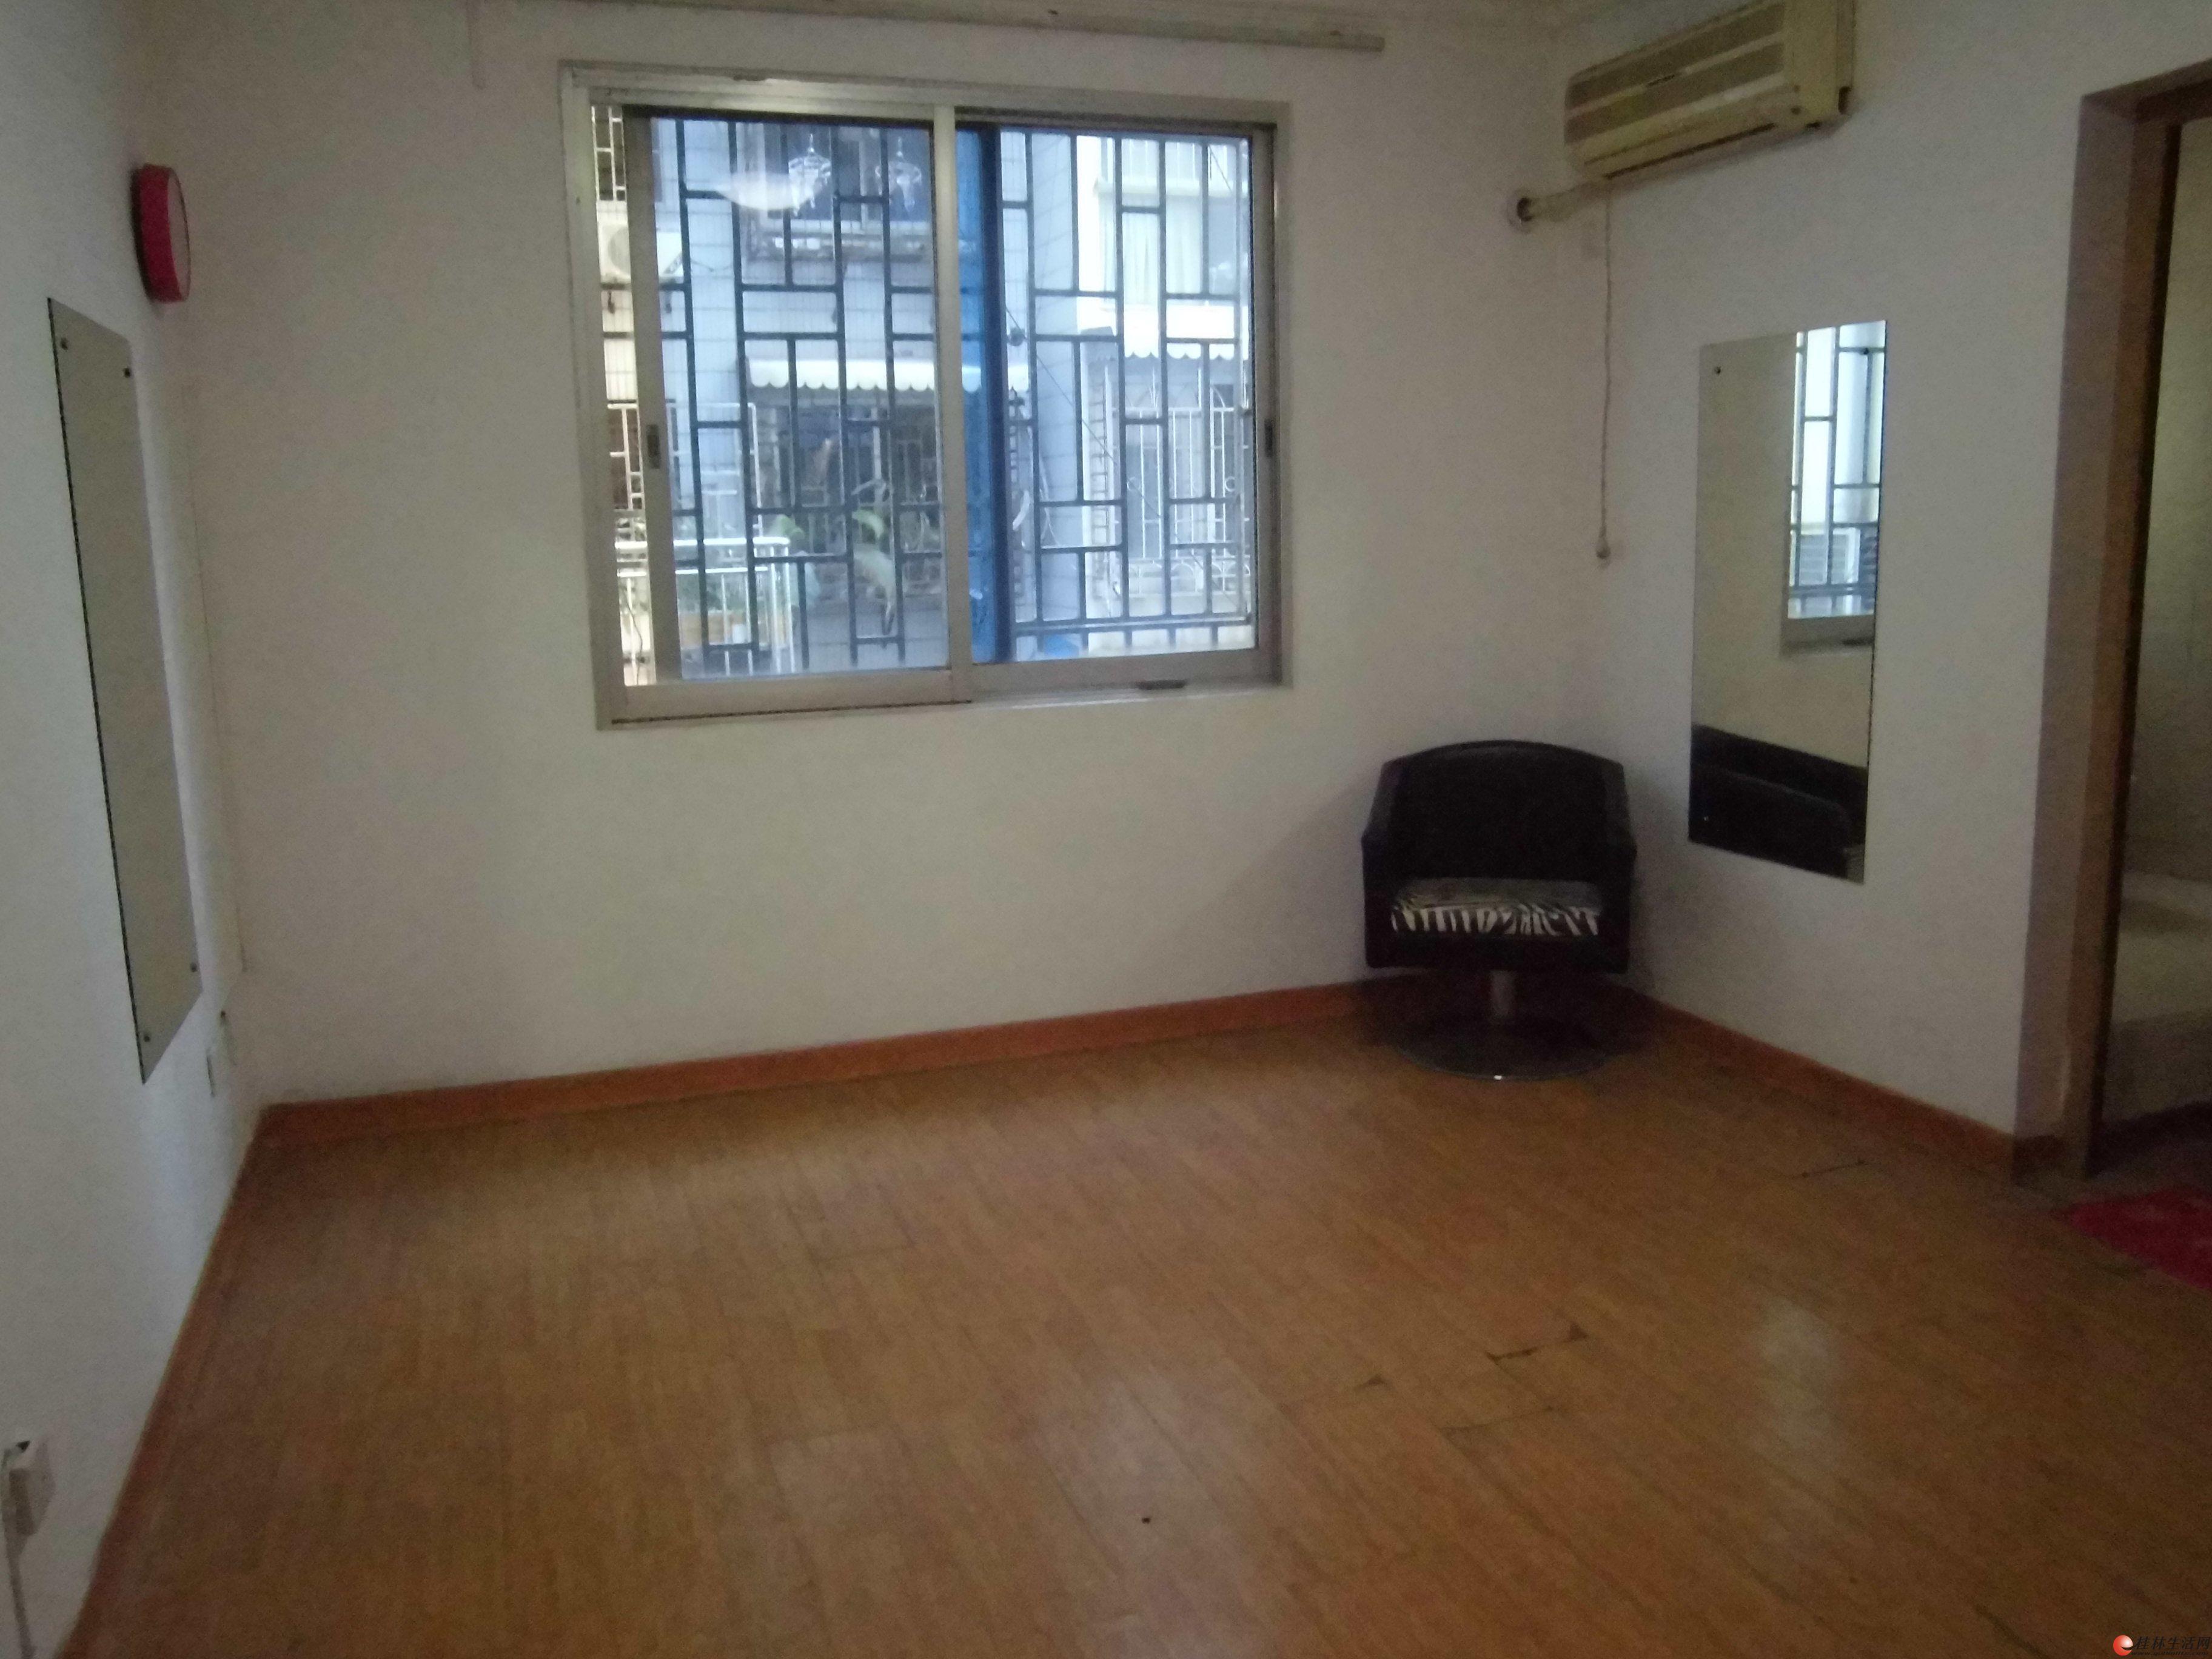 出租办公室 中山中路西城步行街对面阳光商务楼电梯单间配套空调办公桌椅 900元月